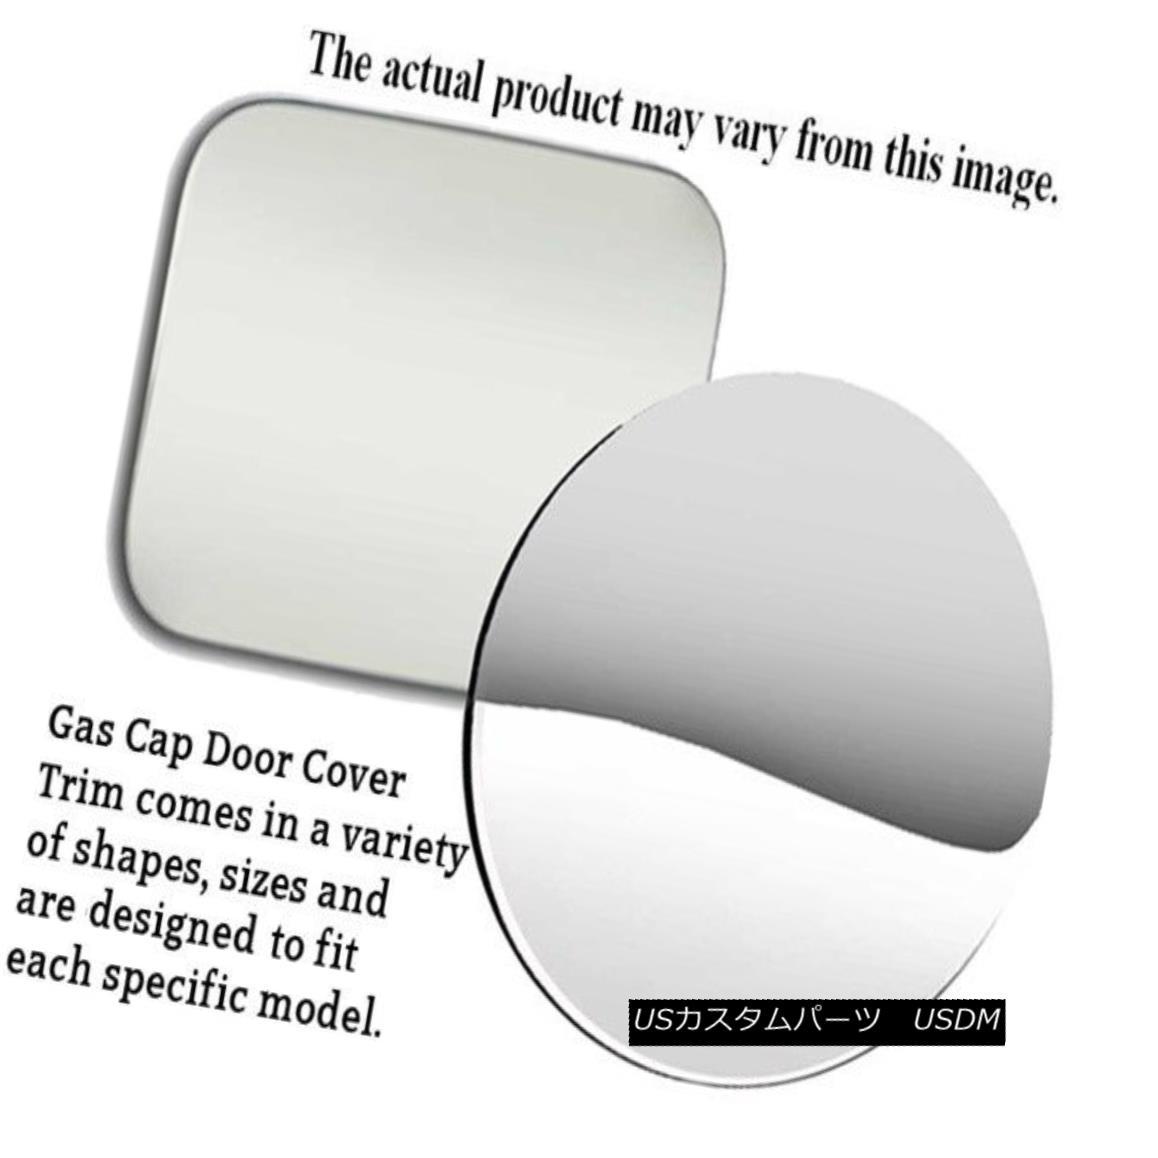 グリル Fits 1979-1992 FORD MUSTANG 2-door -Stainless Steel GAS CAP DOOR フィット1979-1992フォードムスタング2ドア - ステンレススチールガスCAP DOOR